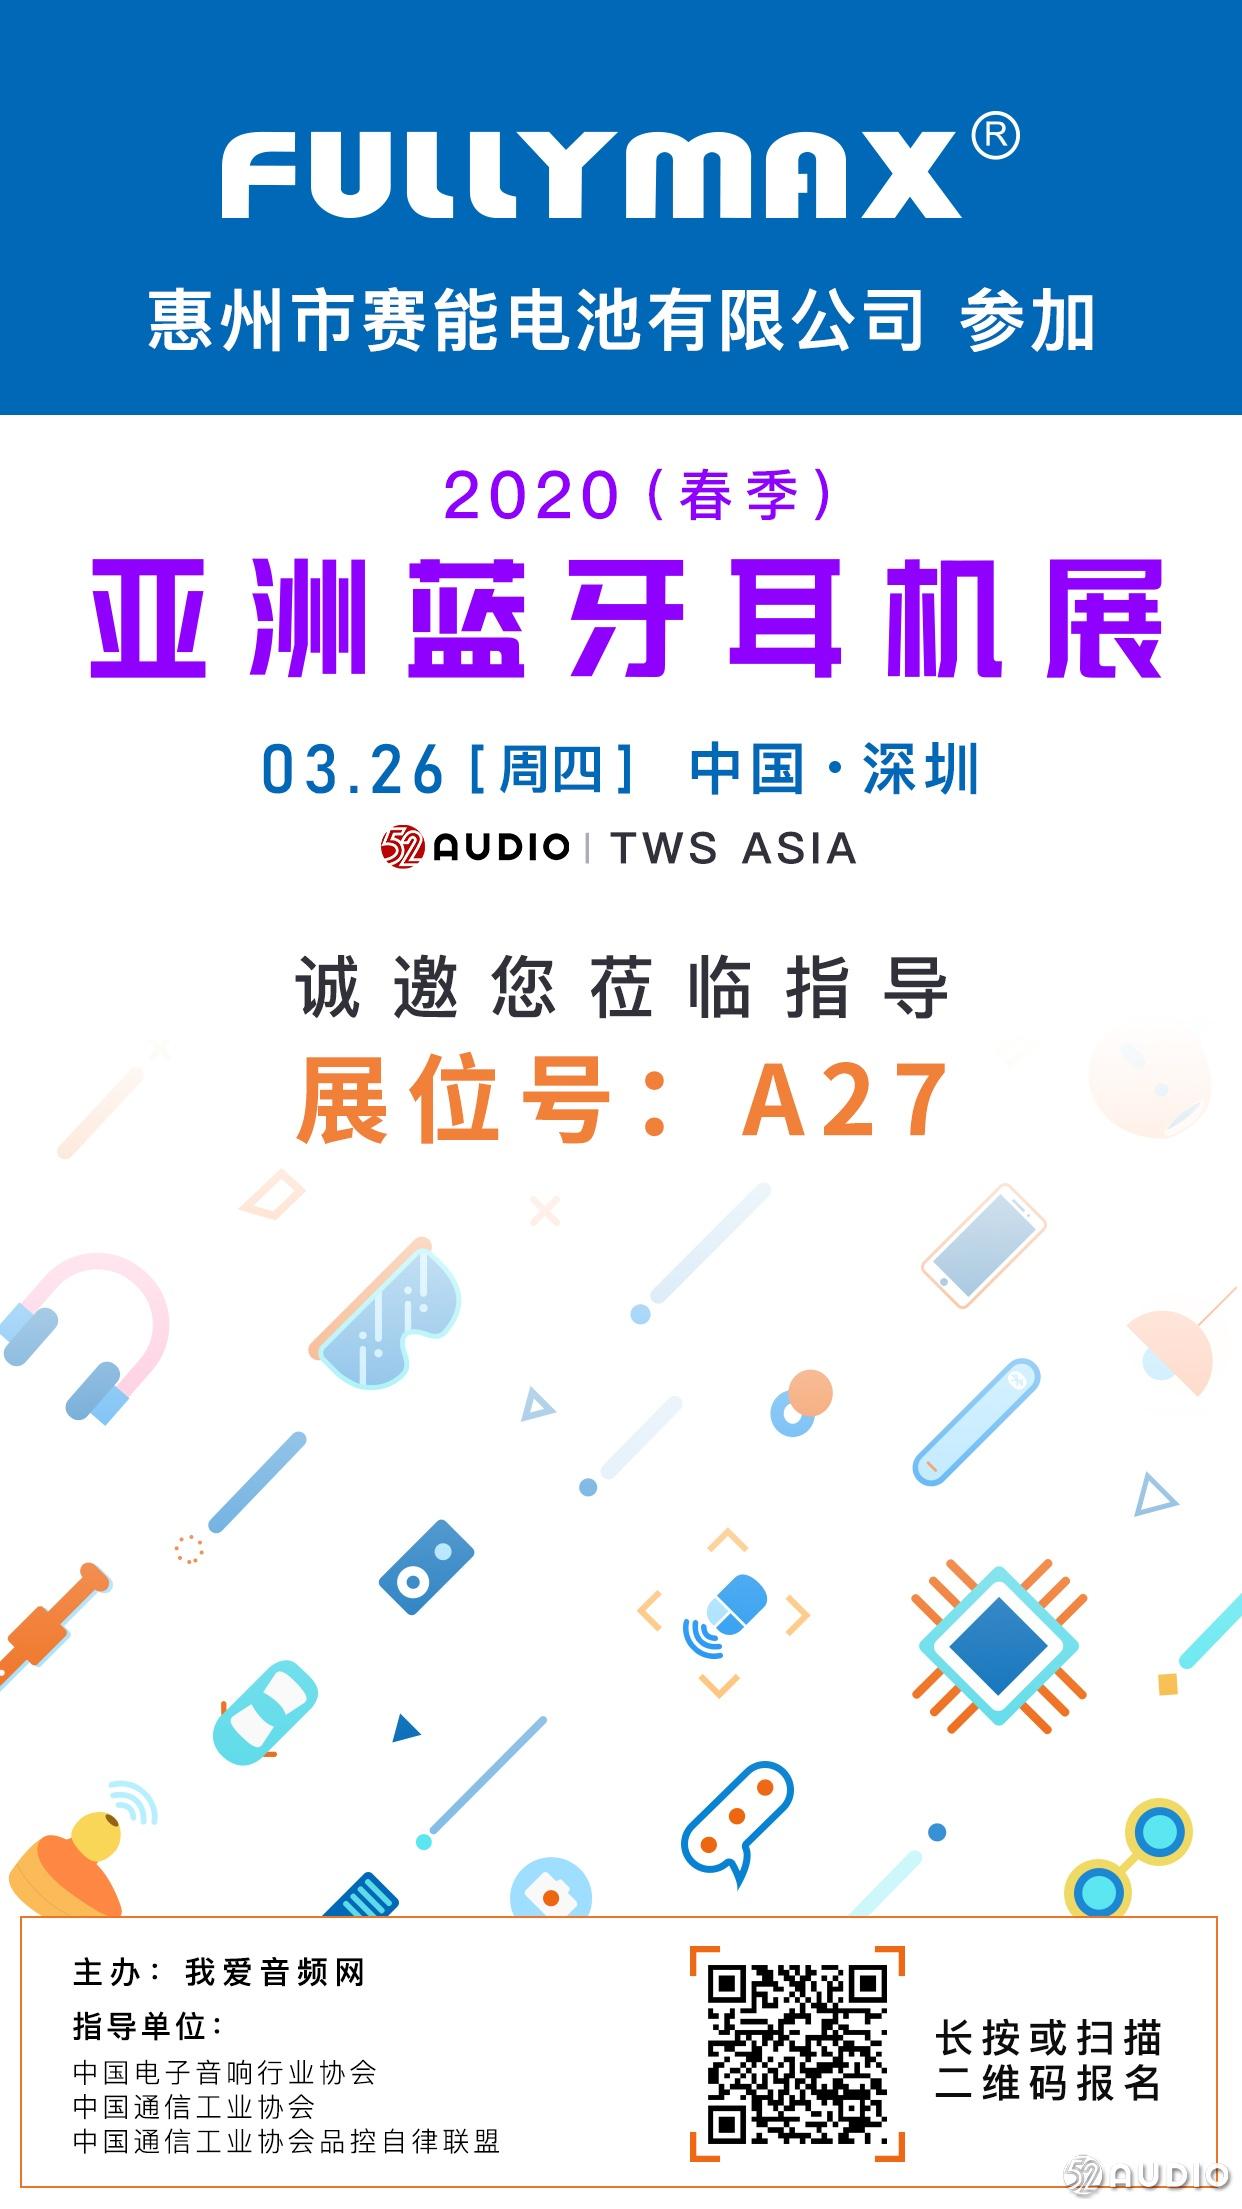 赛能电池参加2020(春季)亚洲蓝牙耳机展,展位号A27-我爱音频网